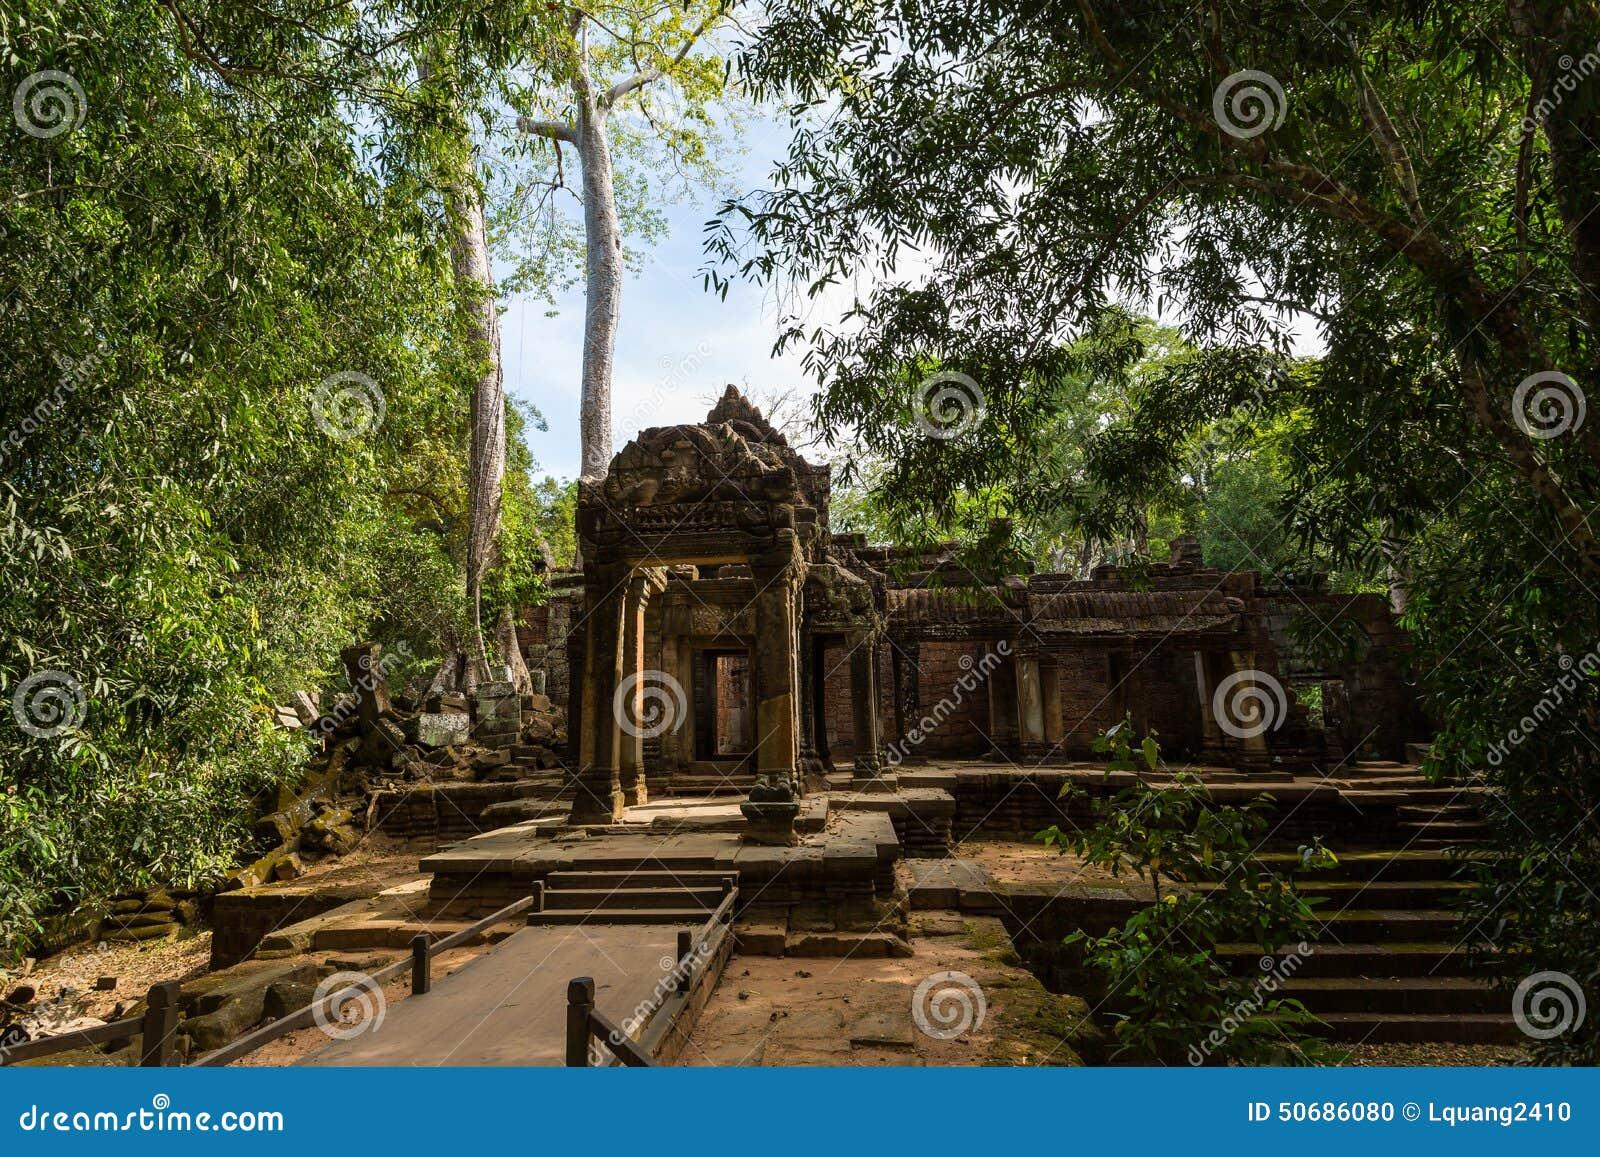 Download 柬埔寨prohm ta寺庙 库存照片. 图片 包括有 纪念碑, 柬埔寨, 的btu, 遗产, 文化, 有历史 - 50686080